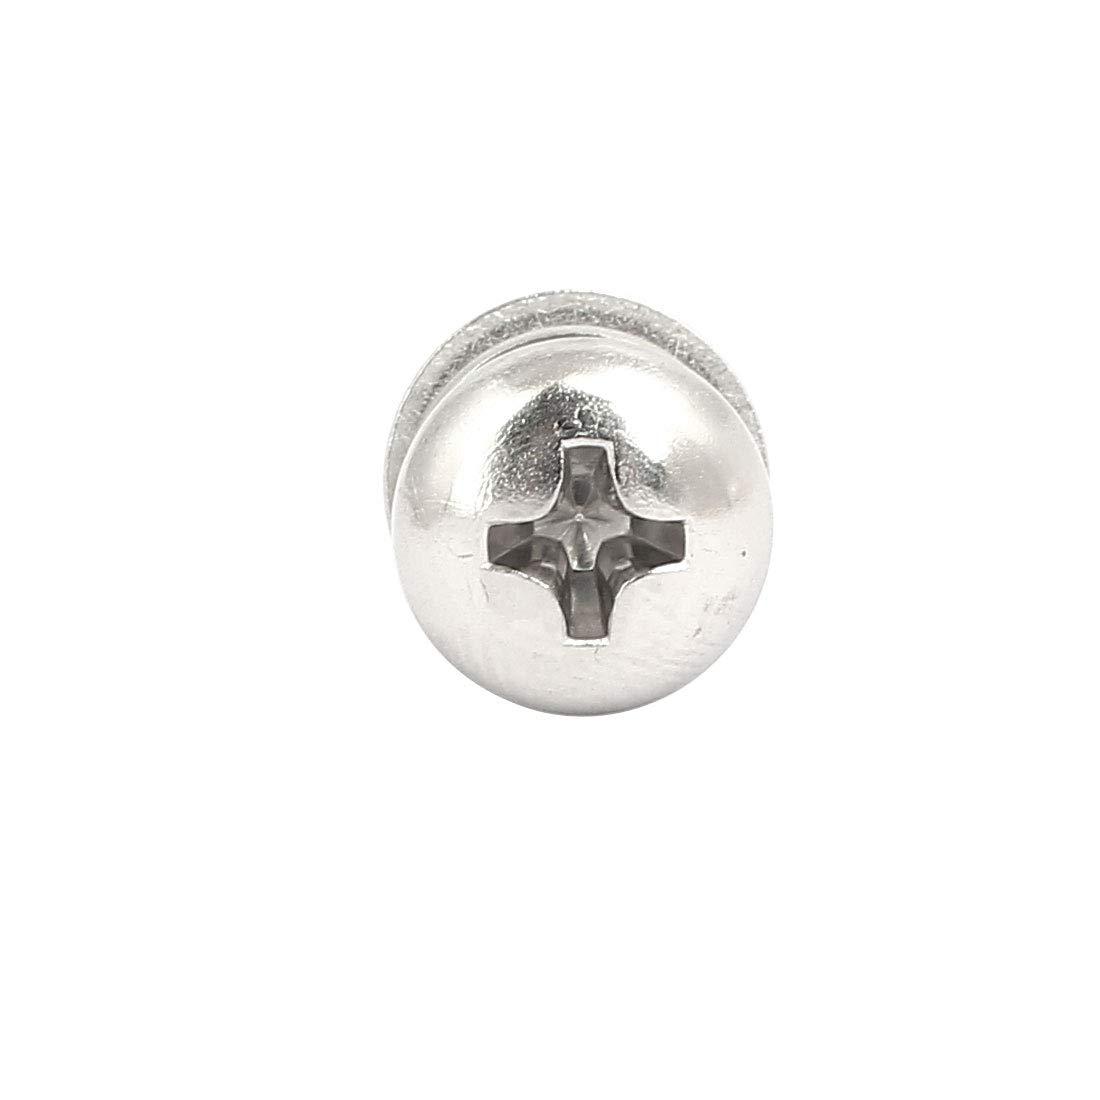 20Sets Silber M4x40mm 304 Edelstahl Linsenkopfschraube Mutter mit Unterlegscheibe